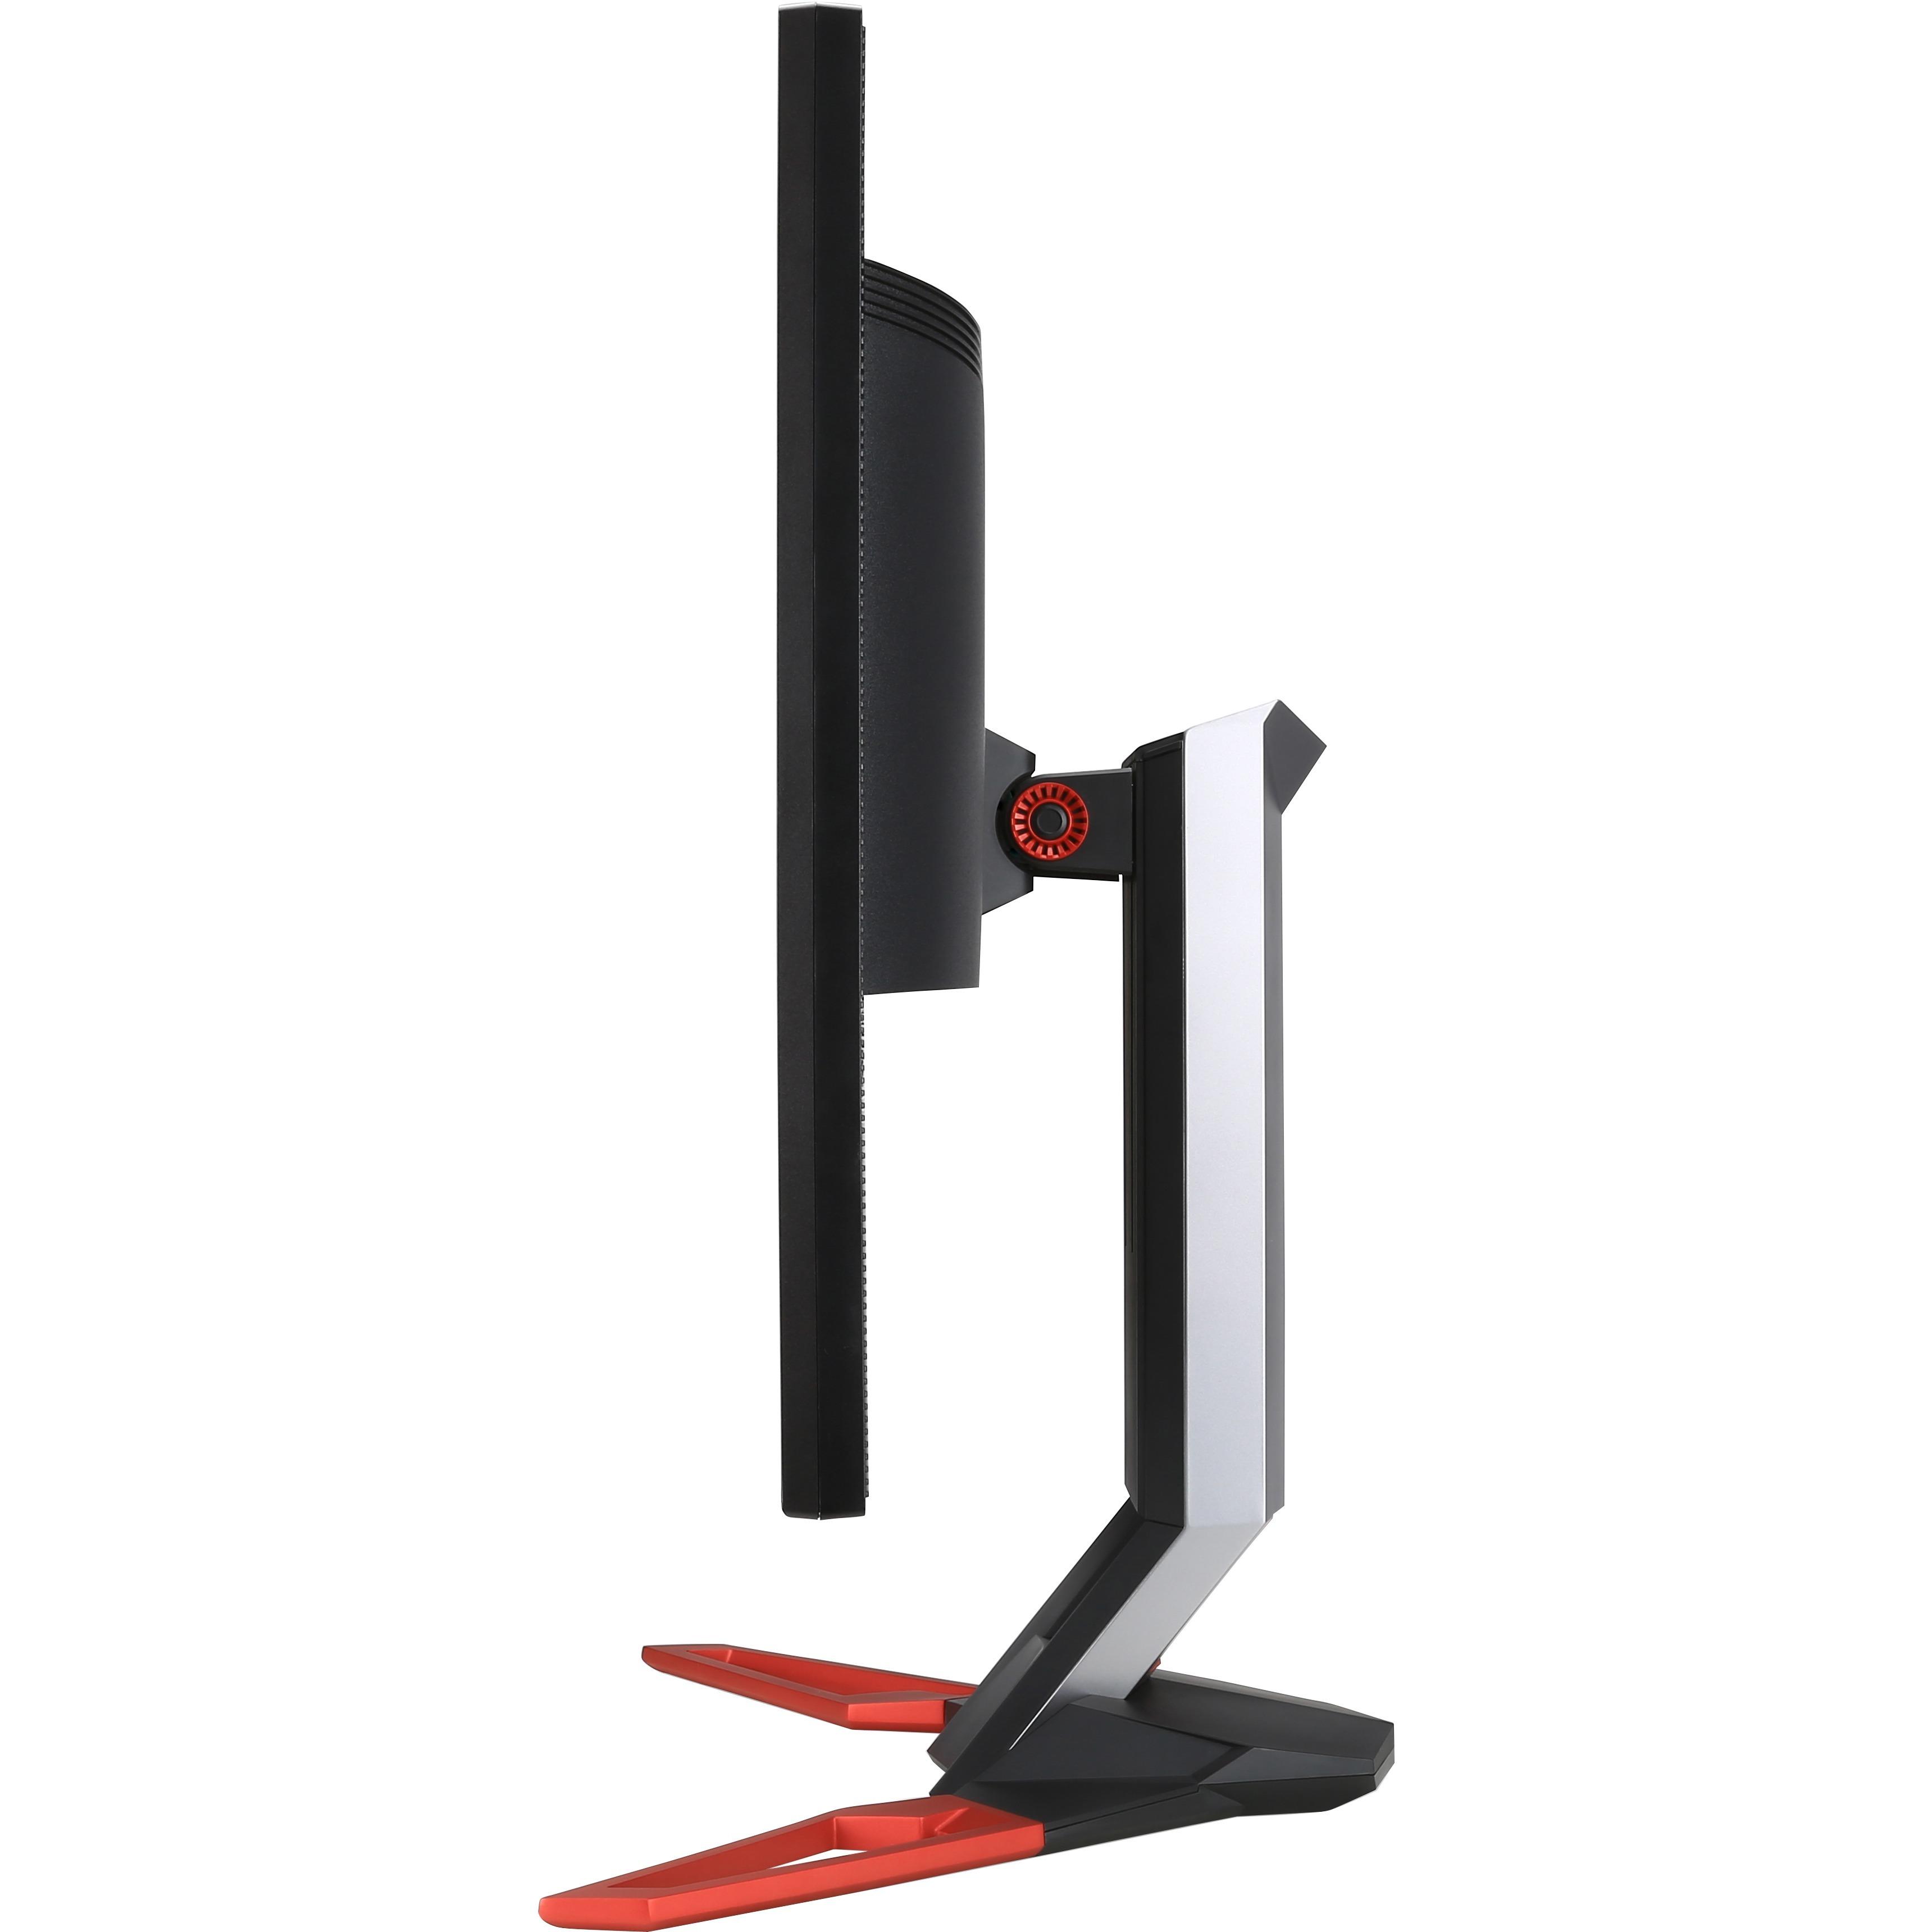 Acer Predator XB321HK 32inch LED Monitor - 16:9 - 4 ms